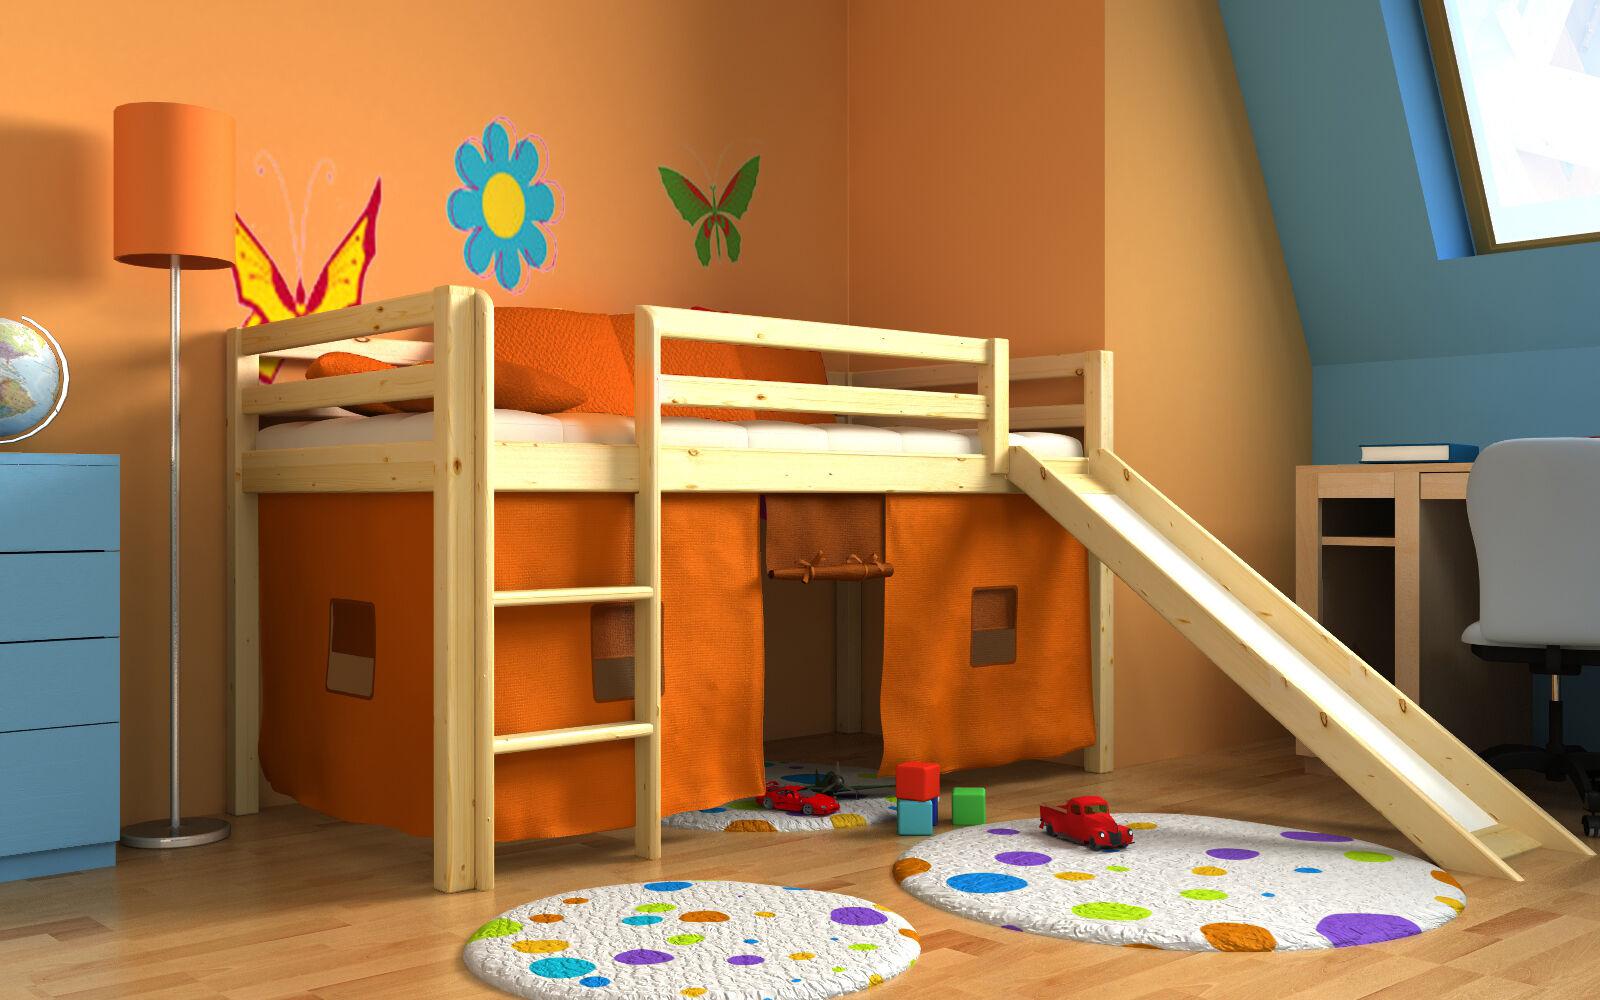 Letto per bambini con scivolo cameratta bambino letto letto a castello materasso eur 219 00 - Letto castello scivolo ...